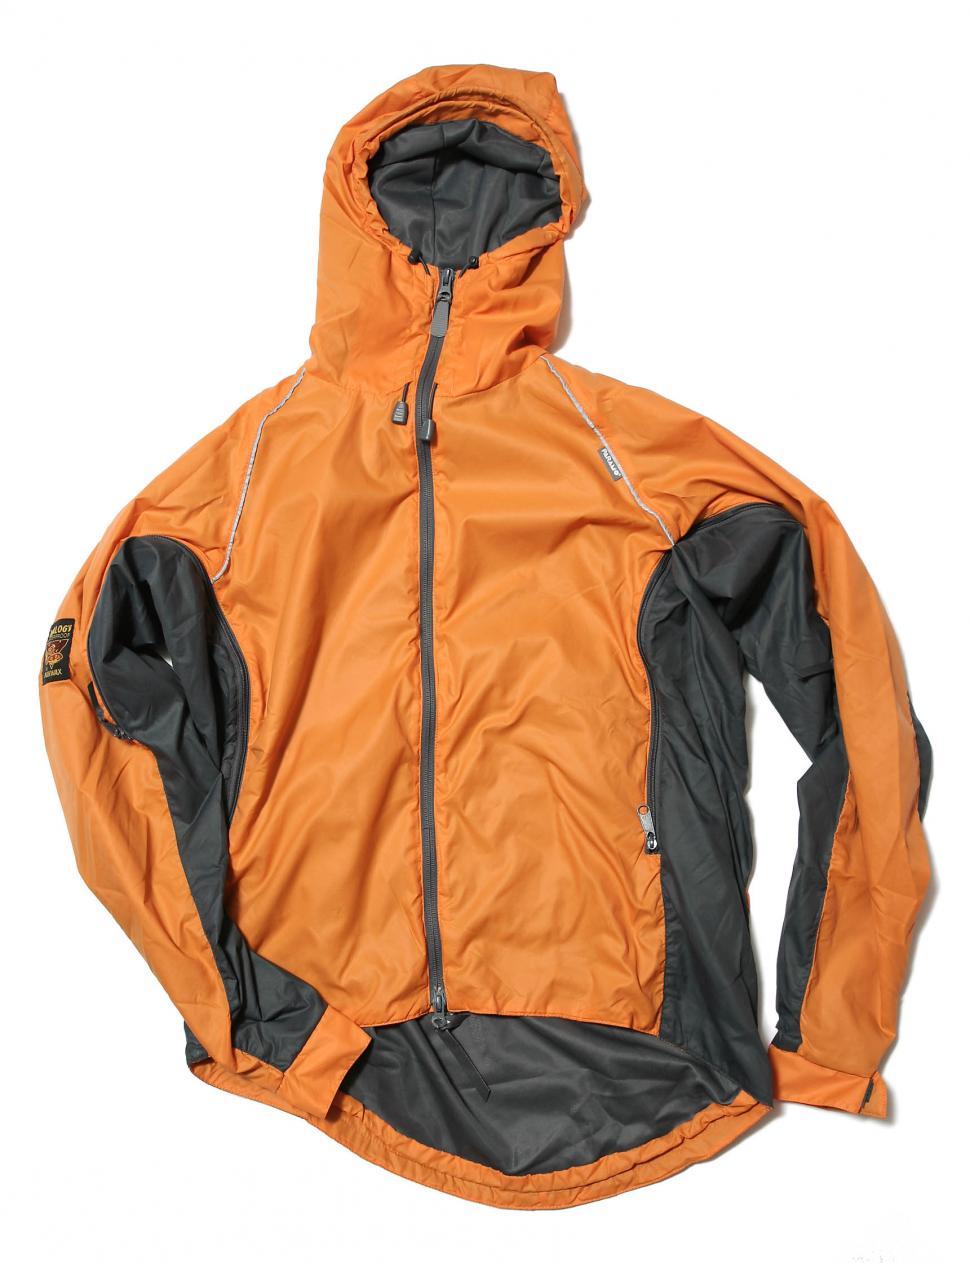 Paramo Quito jacket